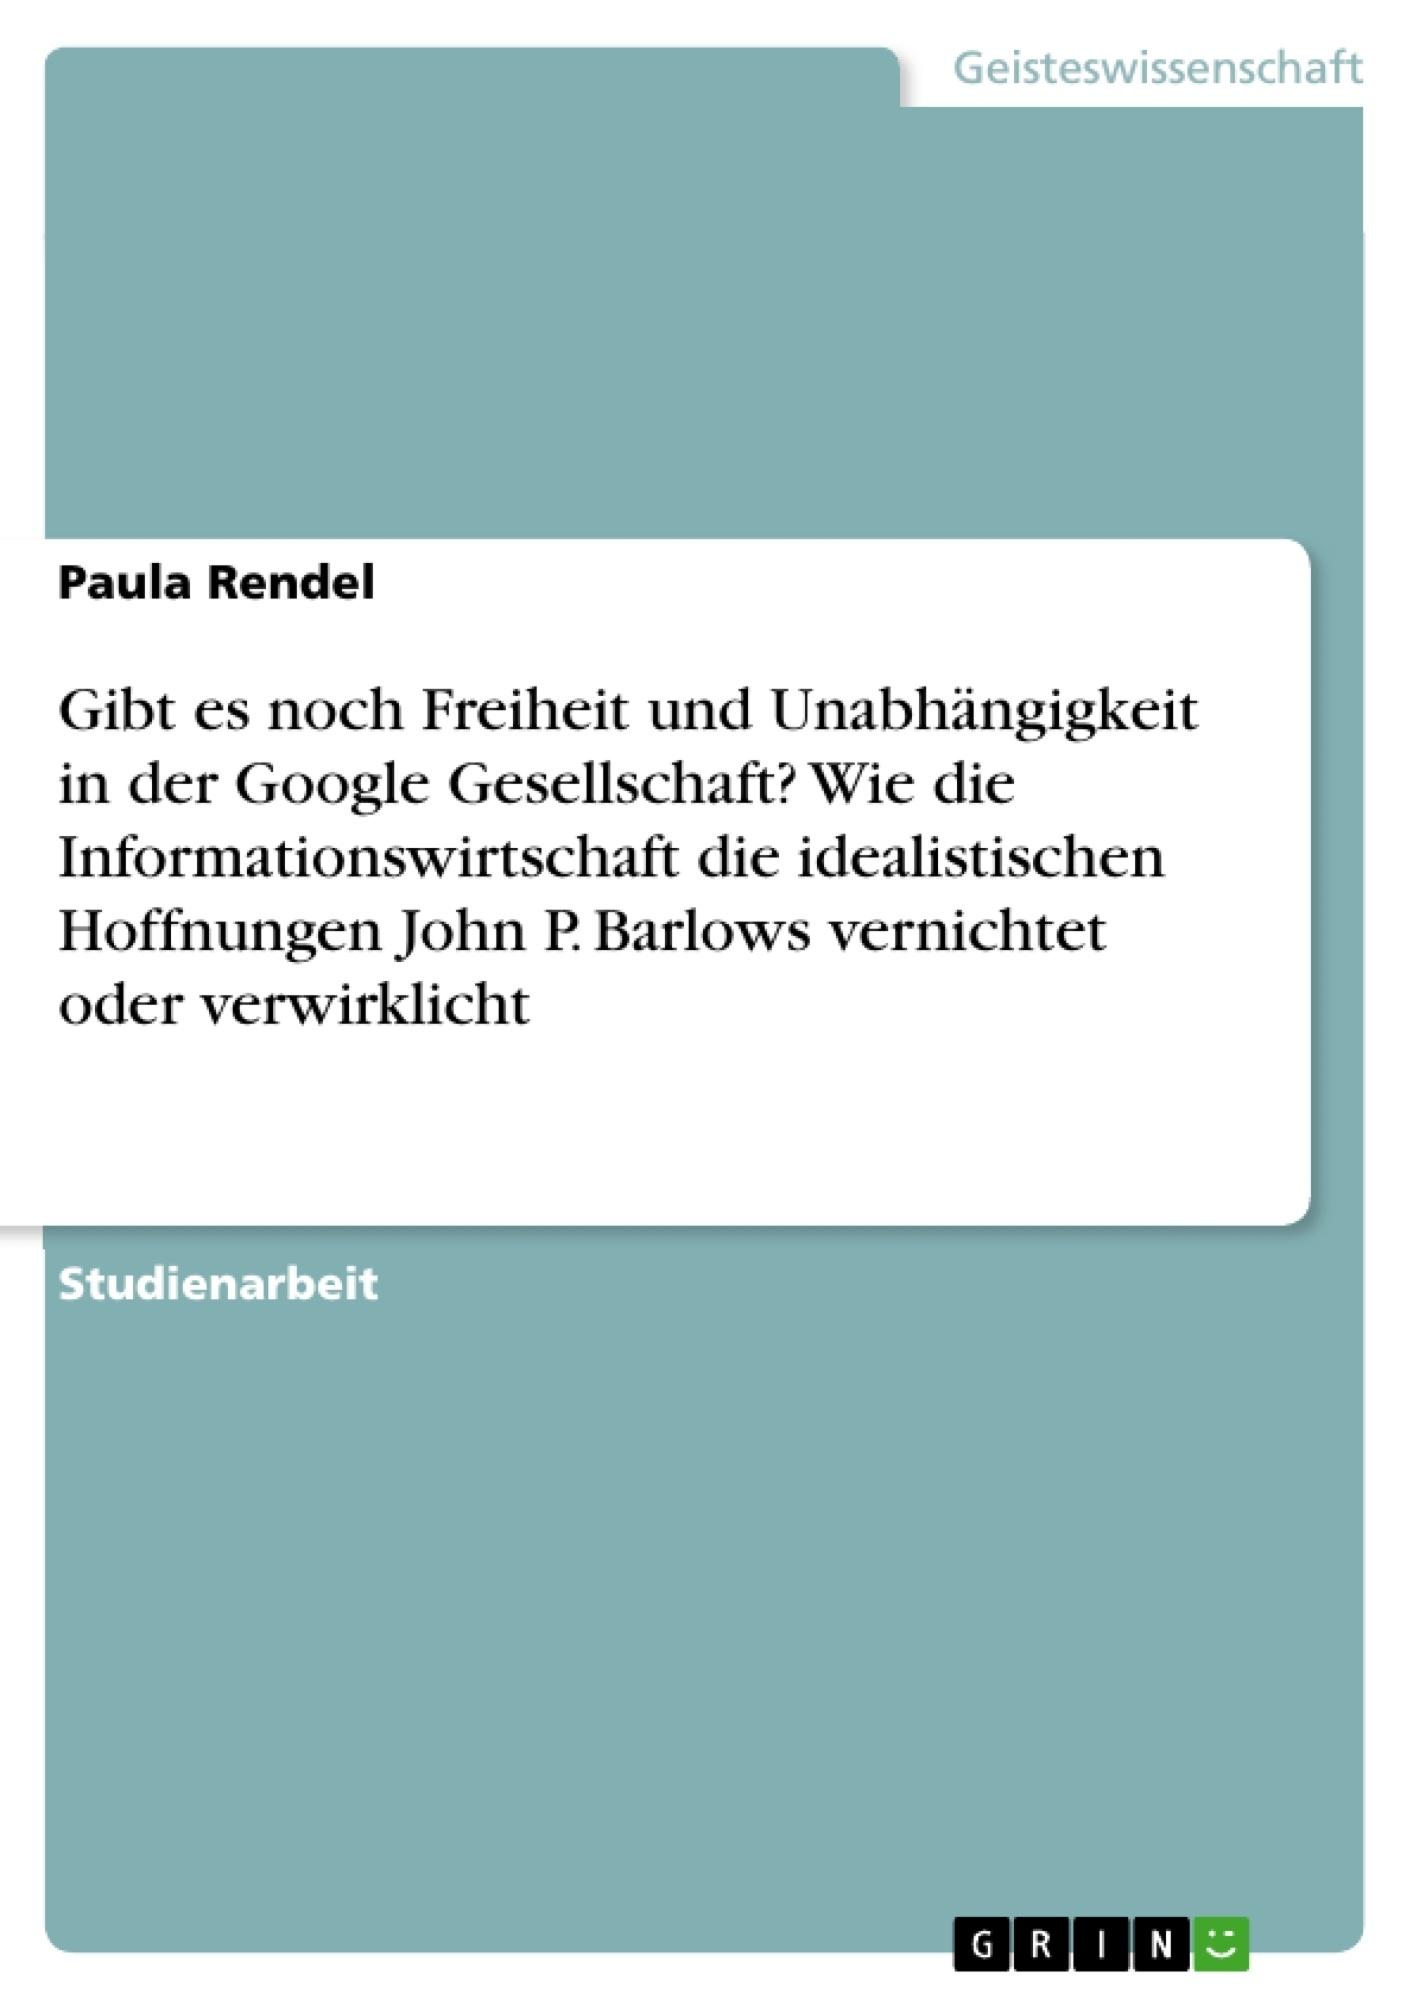 Titel: Gibt es noch Freiheit und Unabhängigkeit in der Google Gesellschaft? Wie die Informationswirtschaft die idealistischen Hoffnungen John P. Barlows vernichtet oder verwirklicht